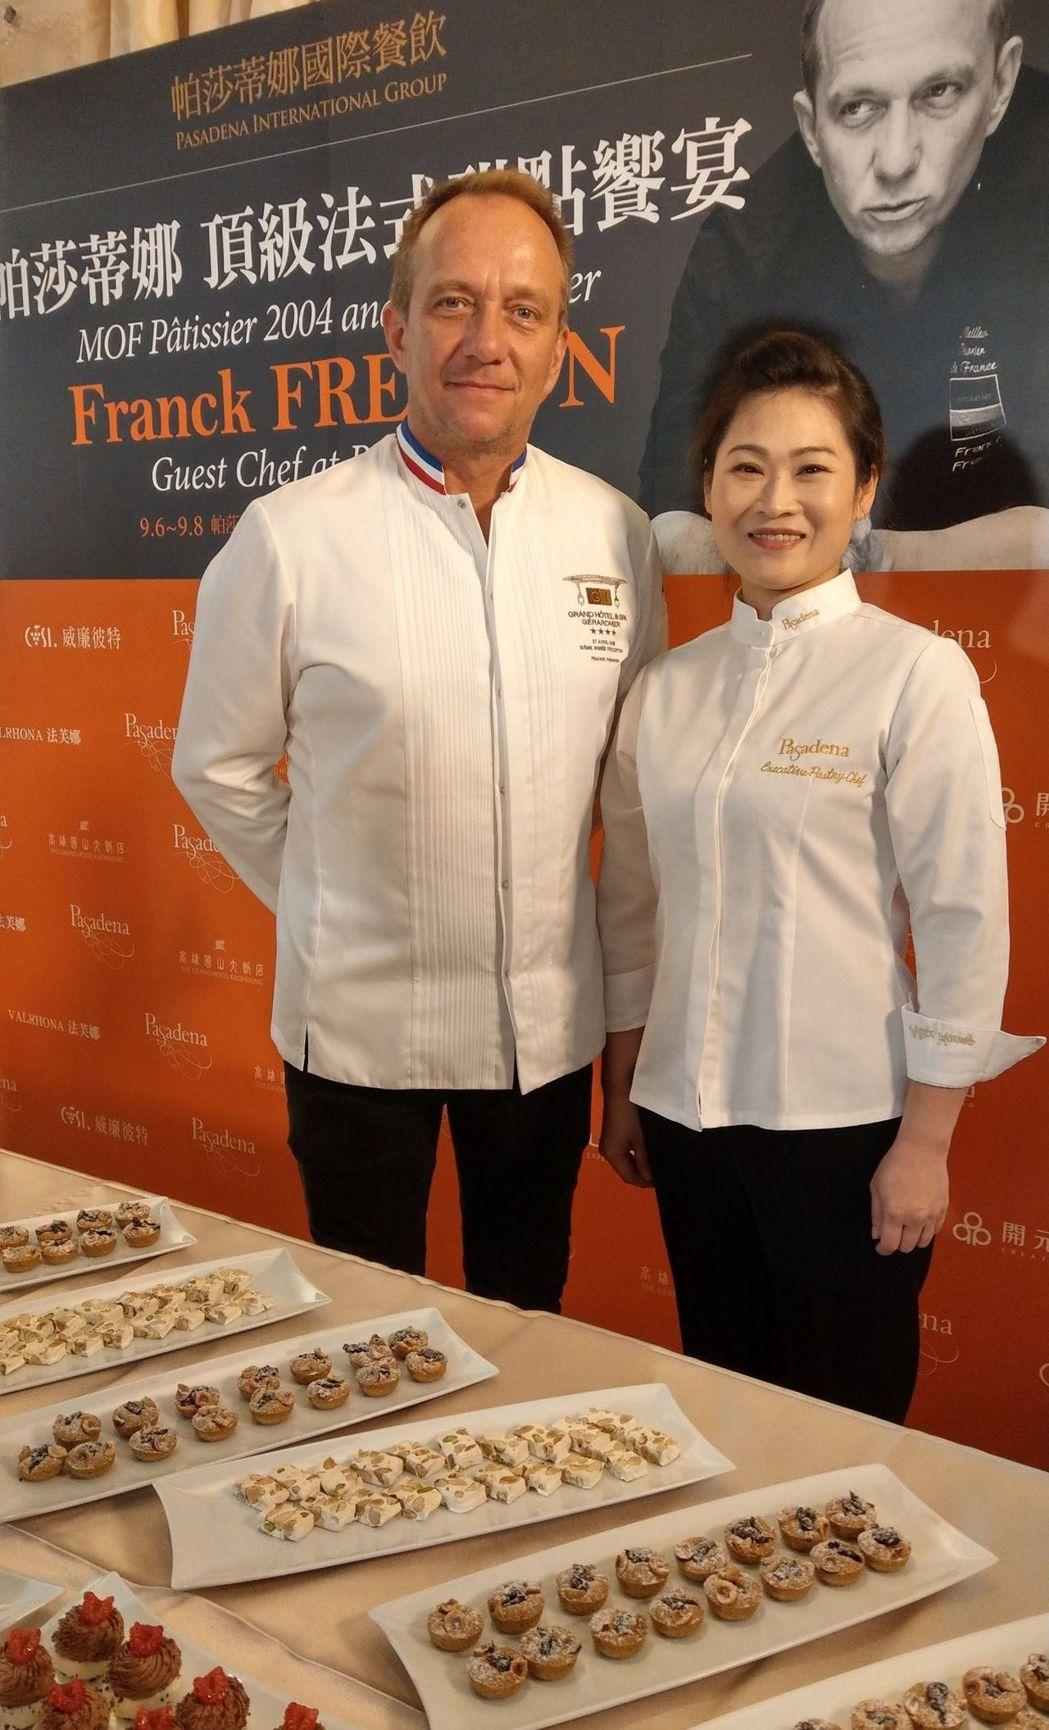 法國MOF甜點大師Franck_Fresson與帕莎蒂娜西點行政主廚合作推出頂級...